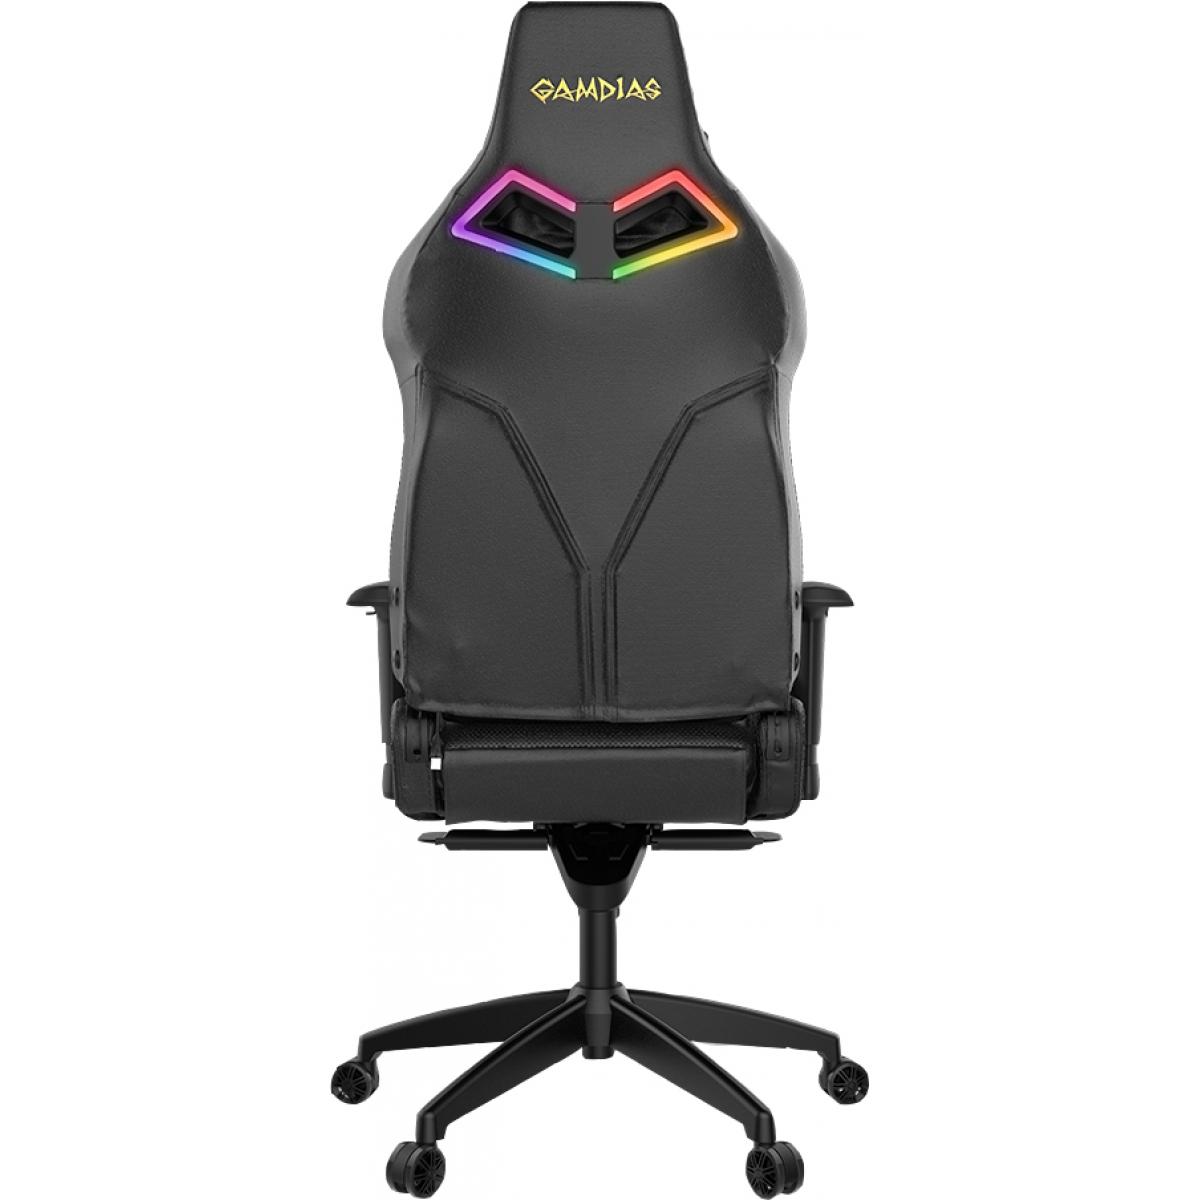 Cadeira Gamer Gamdias Achilles RGB P1 L, Black, GD-ACHILLESP1LB